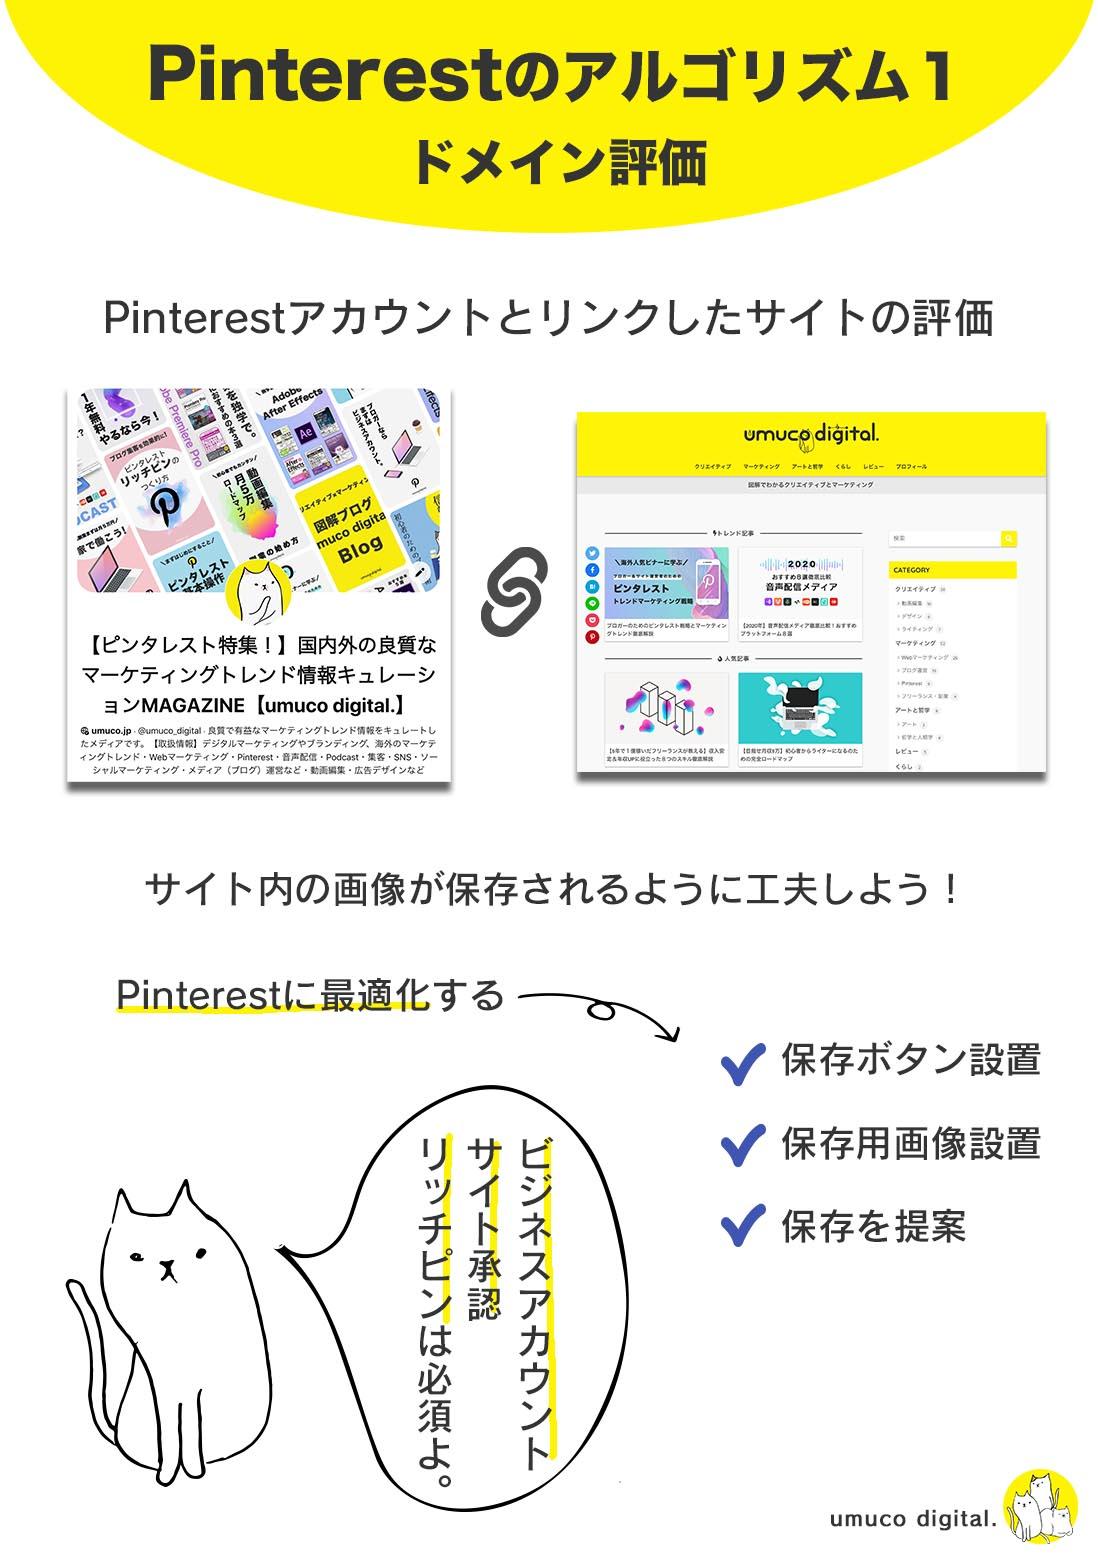 Pinterestアルゴリズム ドメインの評価